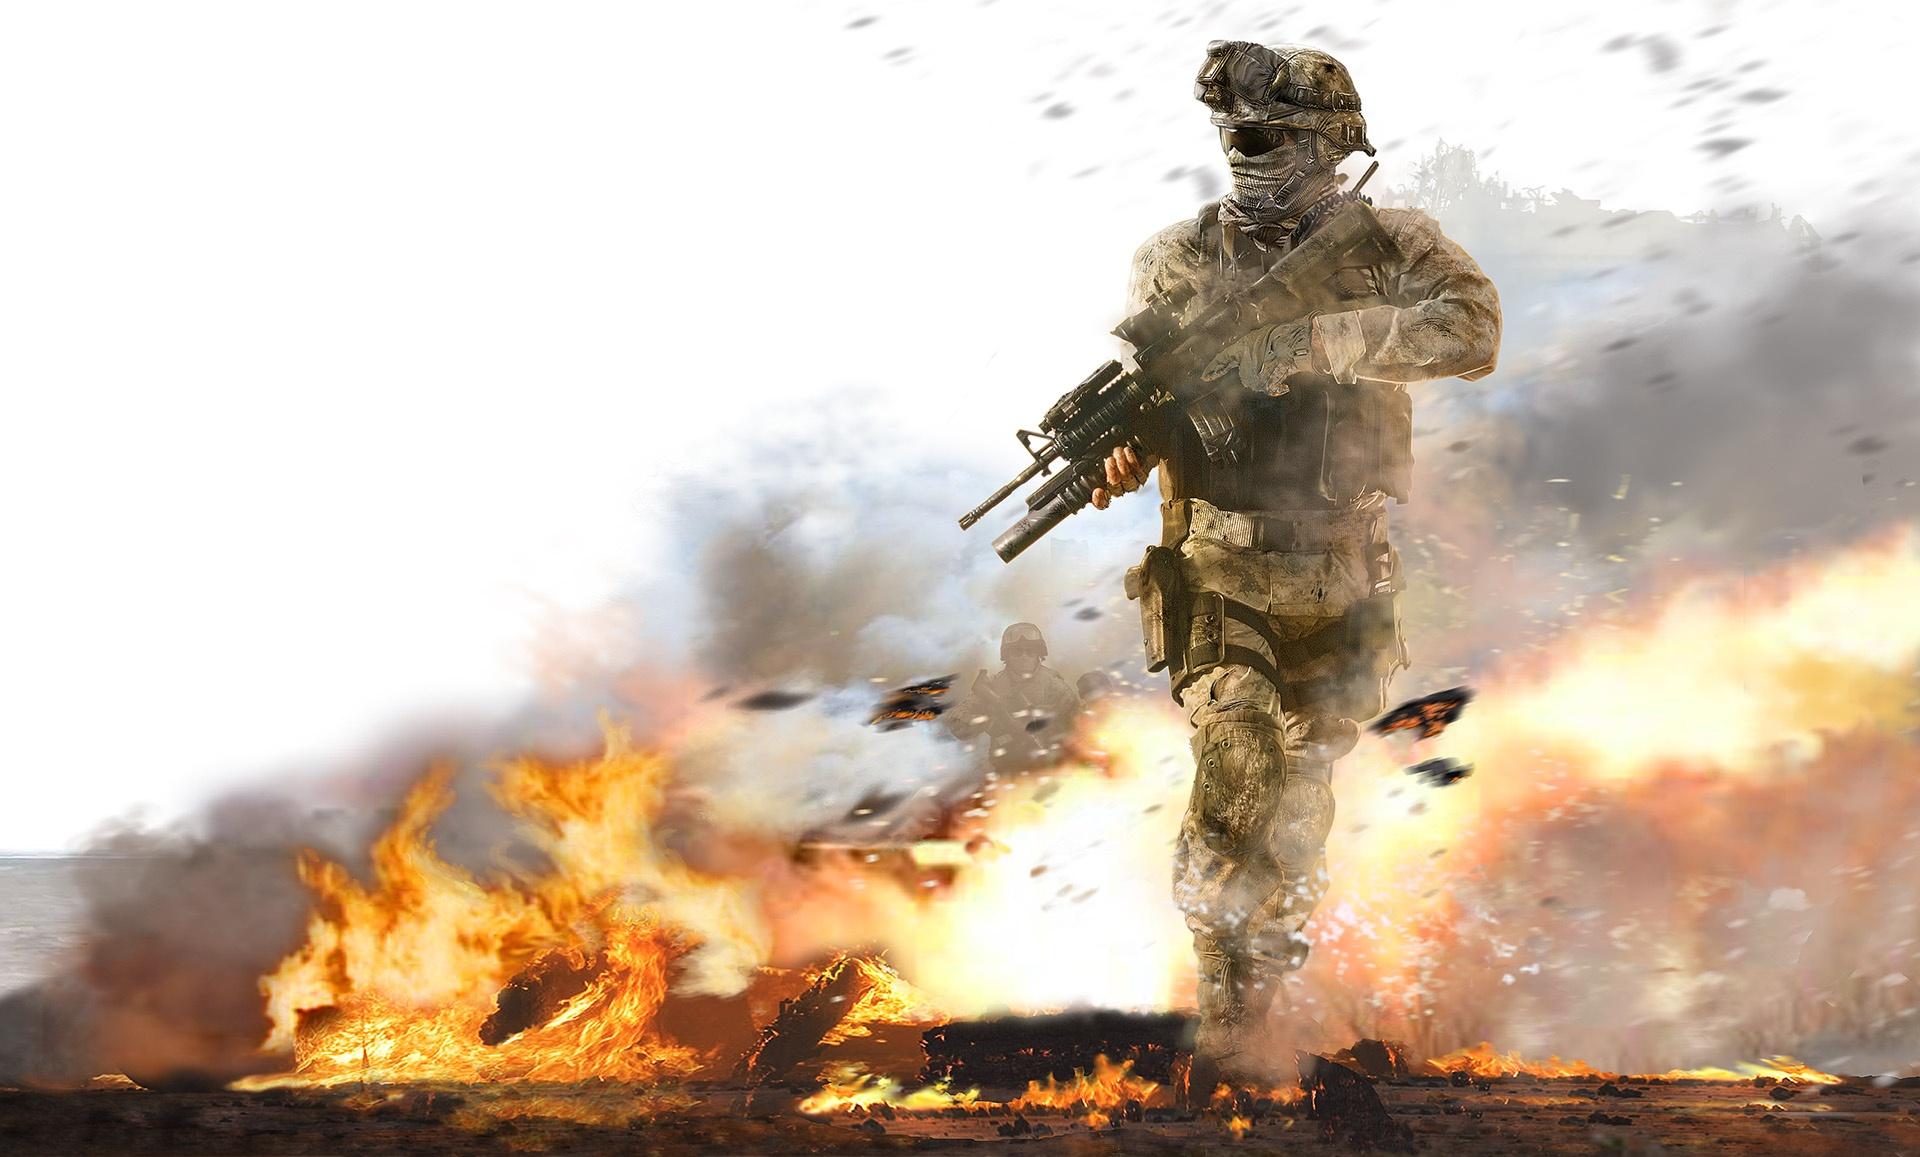 Ремастер сюжетной кампании Call of Duty: Modern Warfare2 вновь получил рейтинг